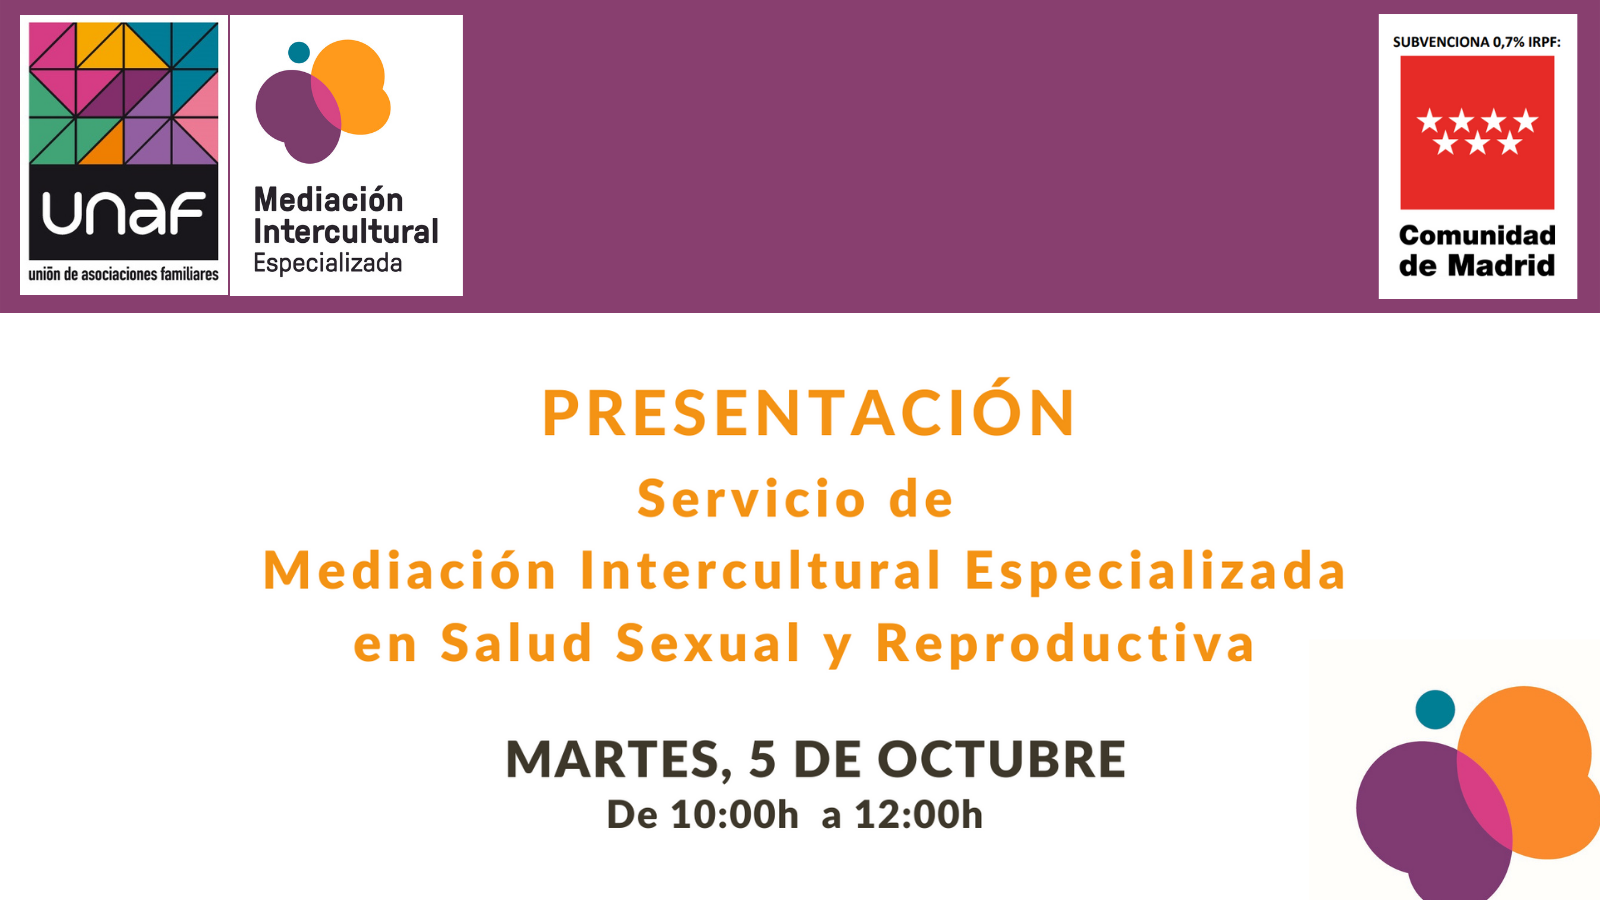 Presentación del nuevo servicio de mediación intercultural especializada en salud sexual y reproductiva